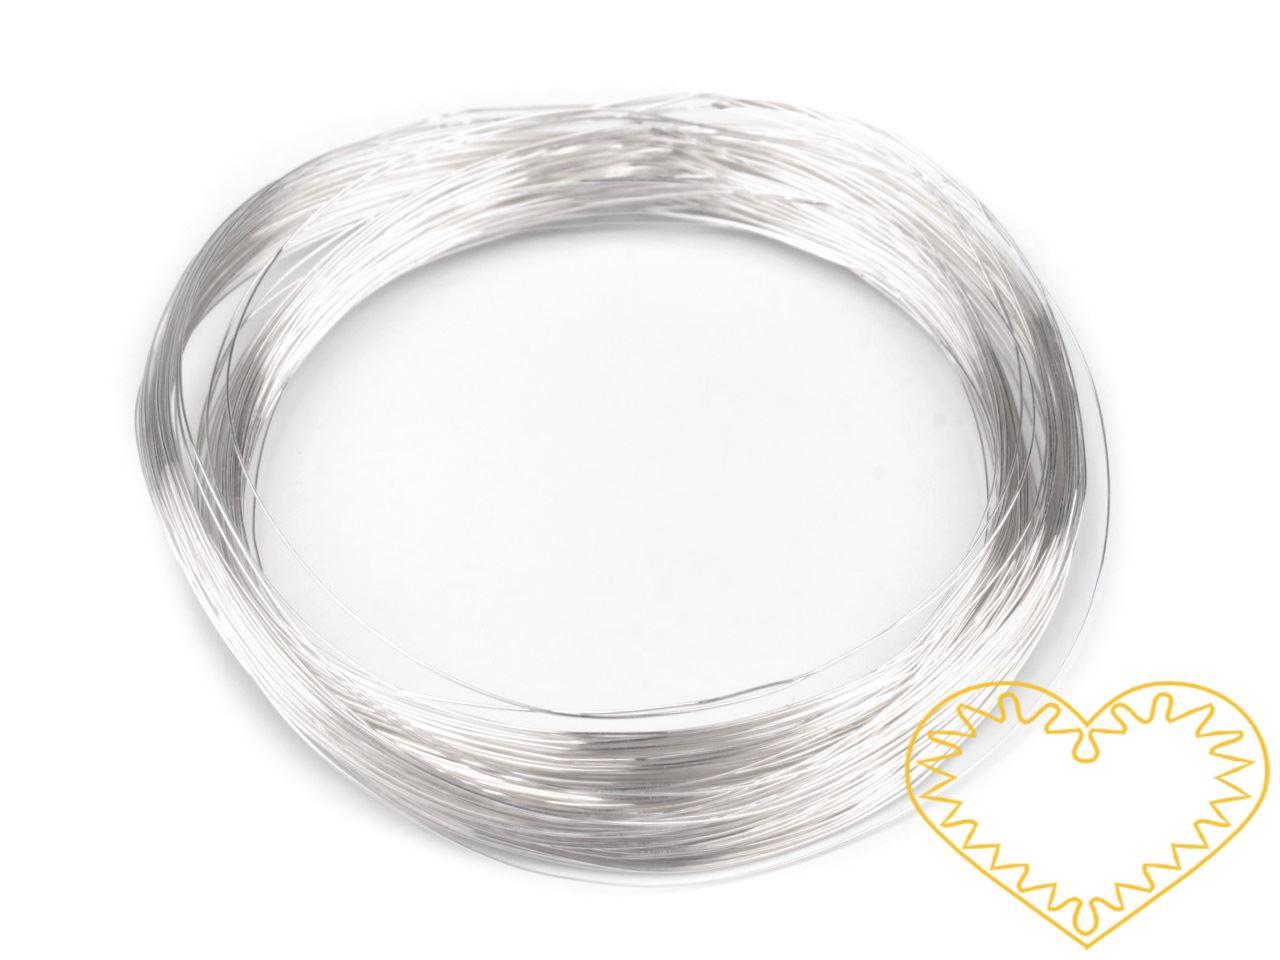 Kvalitní drátek, který je vyrobený v Německu a je hodně lesklý. Jádro drátu je měděné a drát je povrchově několikrát lakovaný. Využijeme jej například k výpletu a omotávání korpusu šperku ze silnějšího drátu, k paličkování z drátu nebo háčkování.